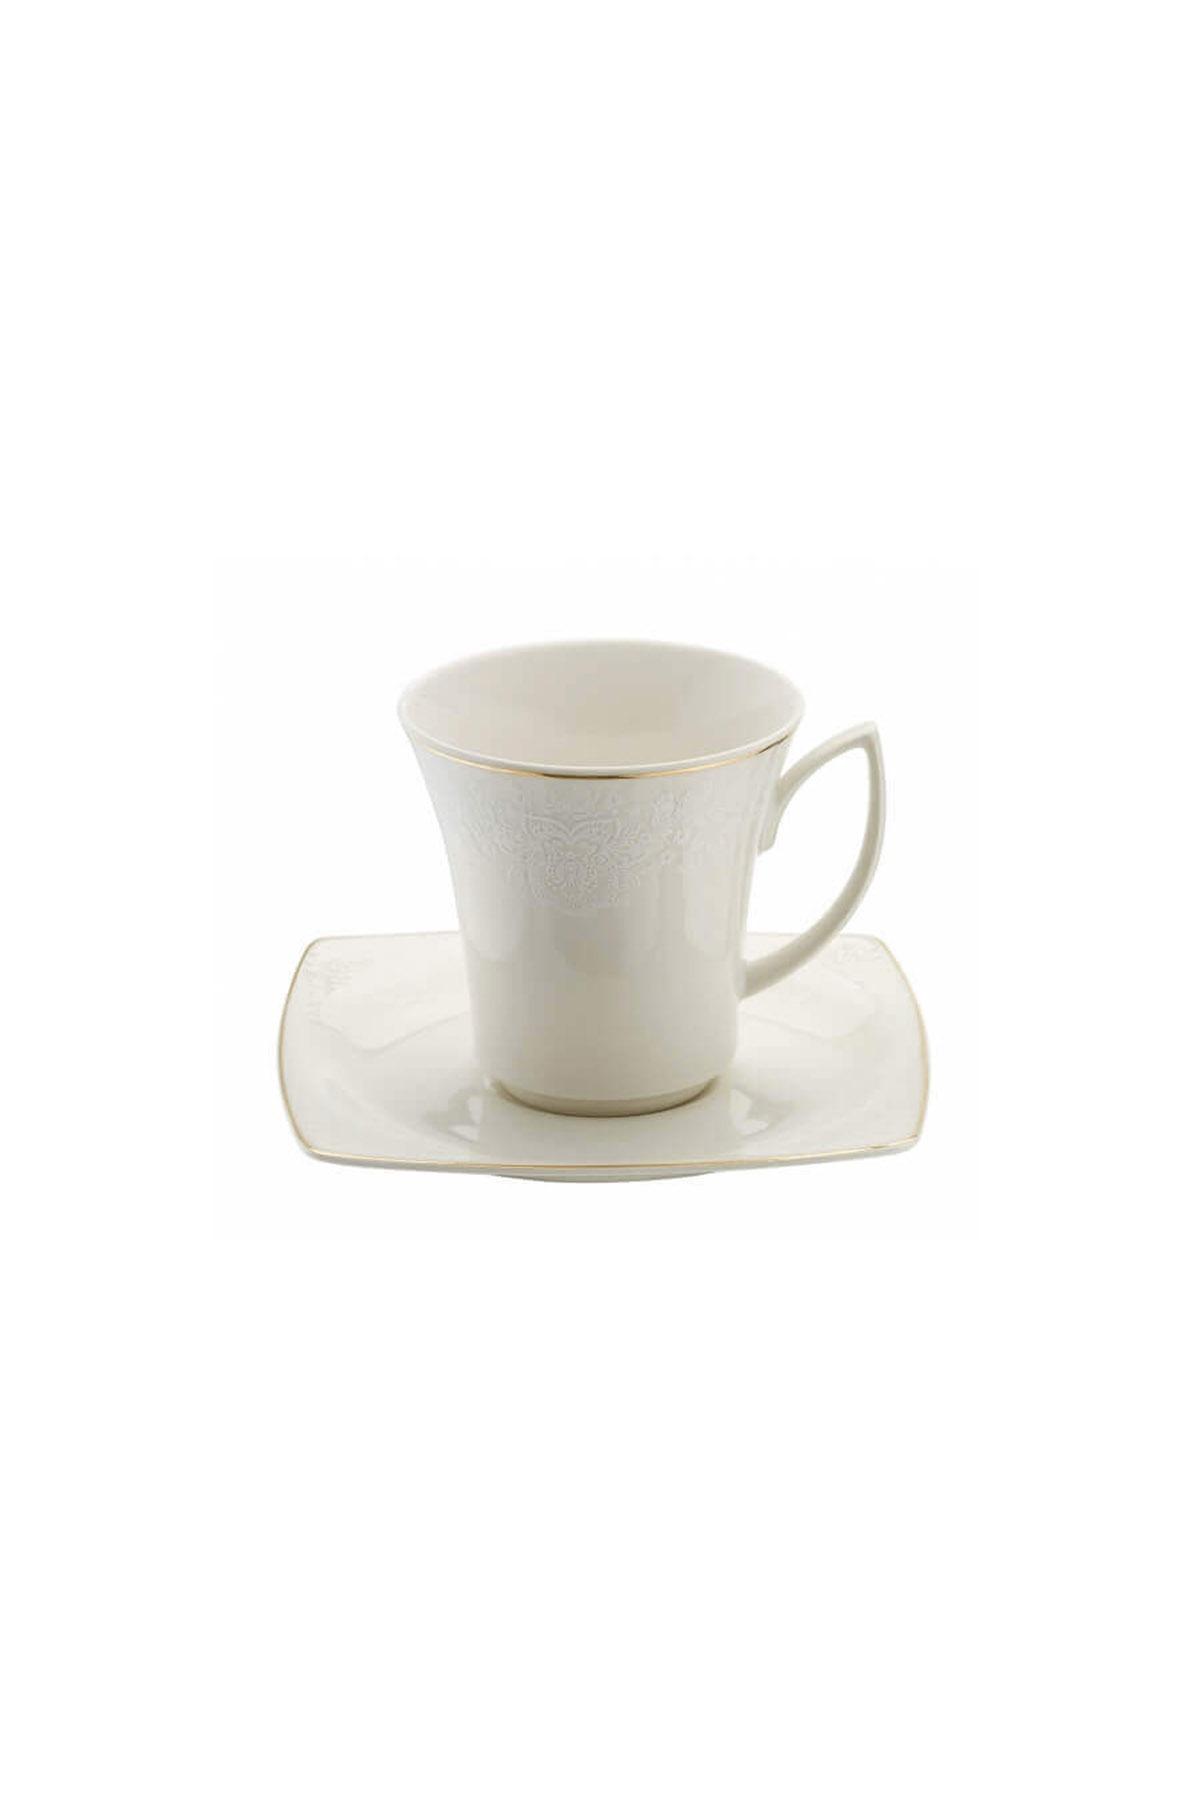 Kütahya Porselen Bone Mare 9559 Desen Kahve Fincan Takımı